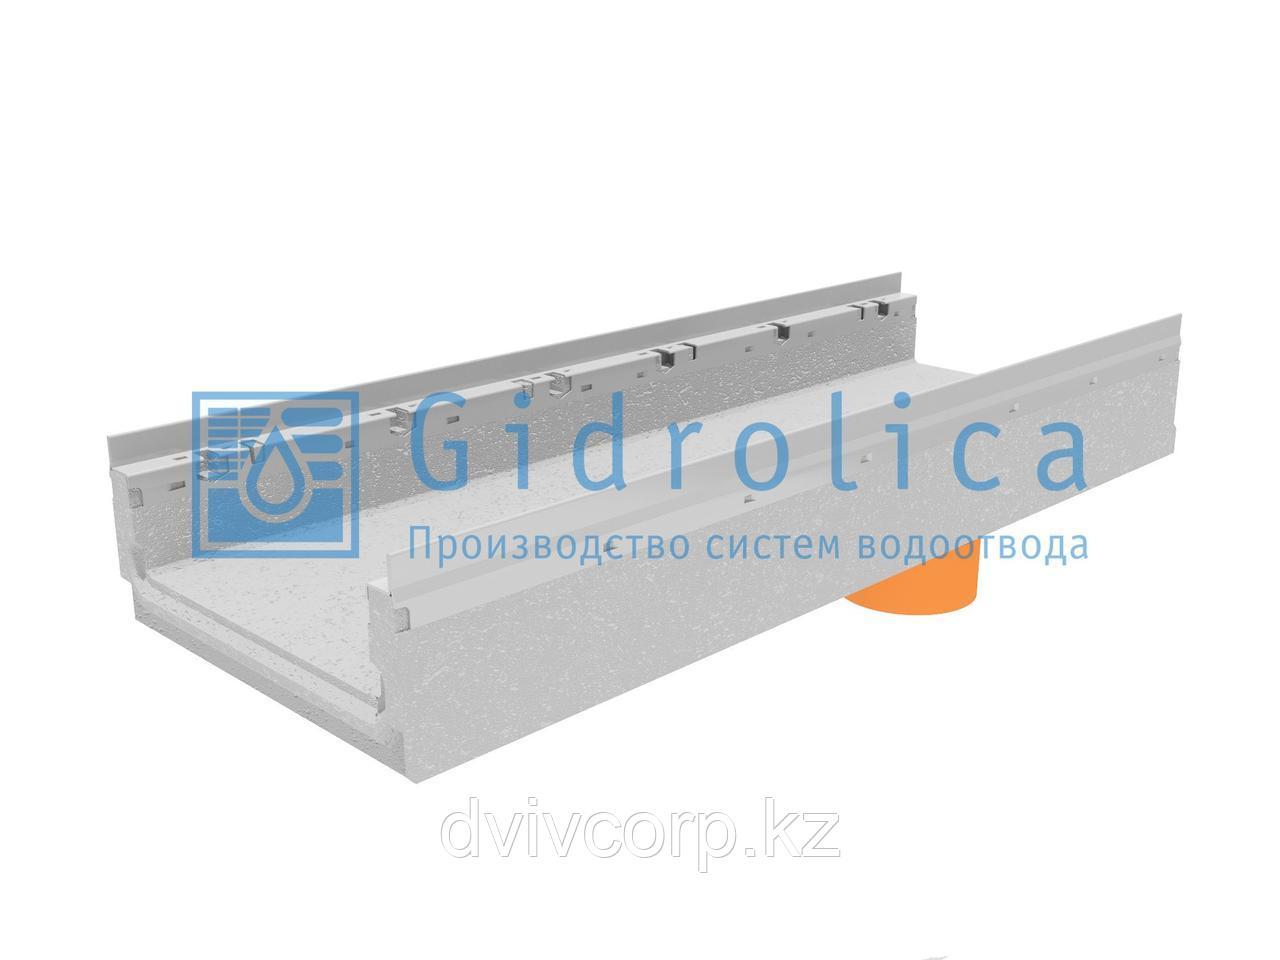 Лоток водоотводный бетонный коробчатый (СО-300мм), с оцинкованной насадкой, с водосливом КПв 100.36,3